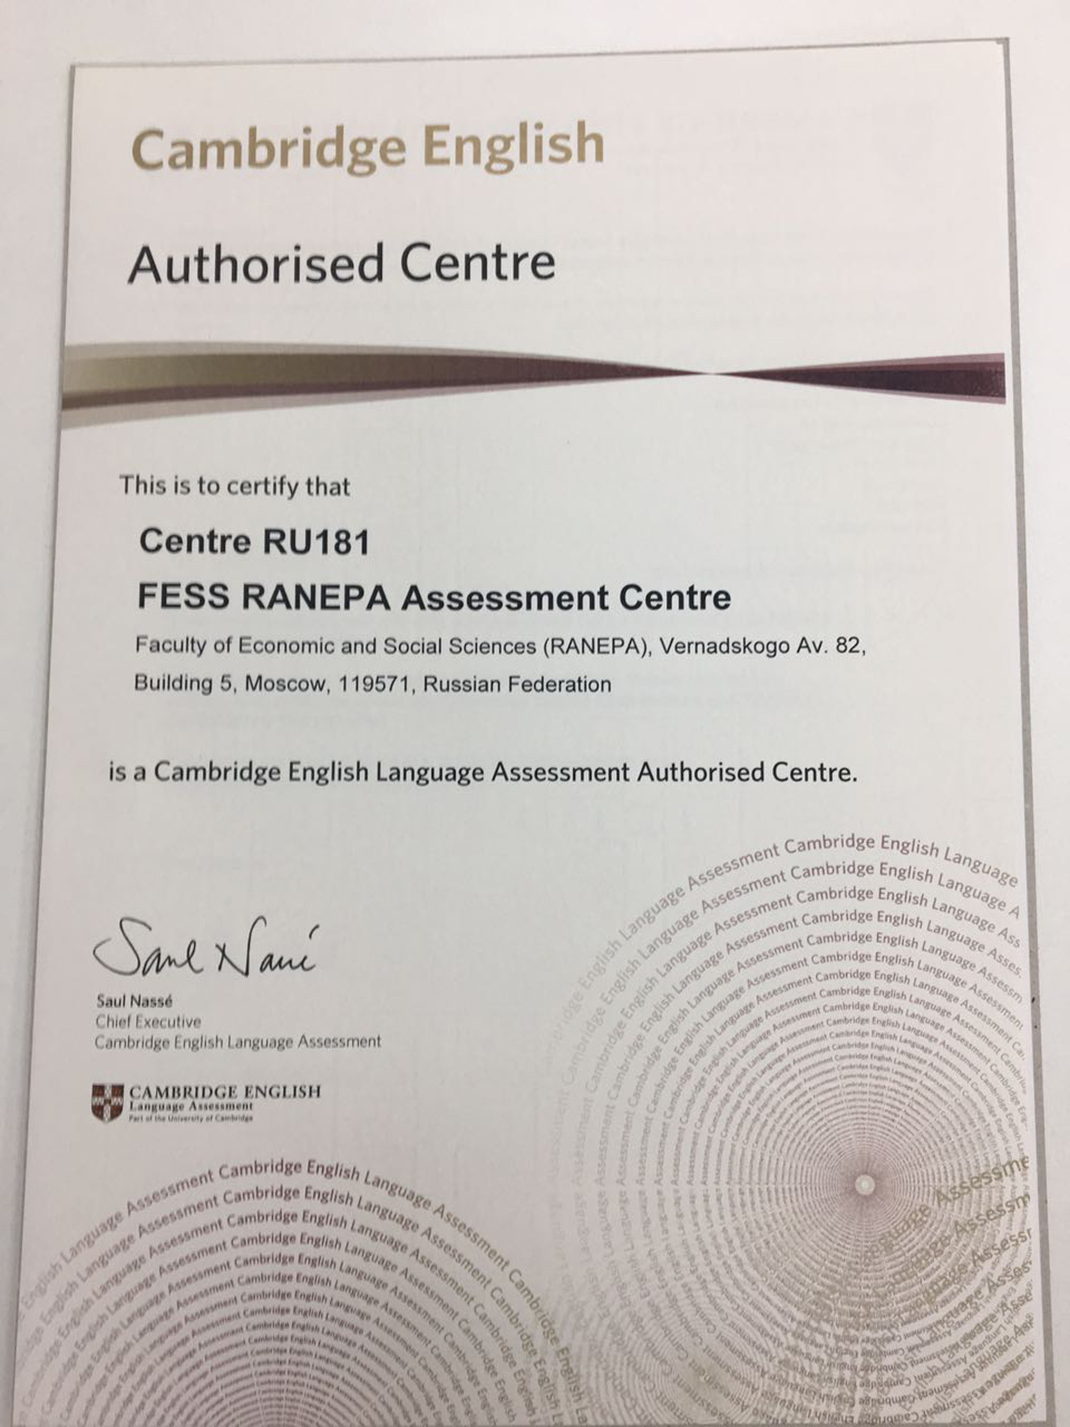 РАНХиГС получила статус авторизованного центра для проведения Кембриджских экзаменов